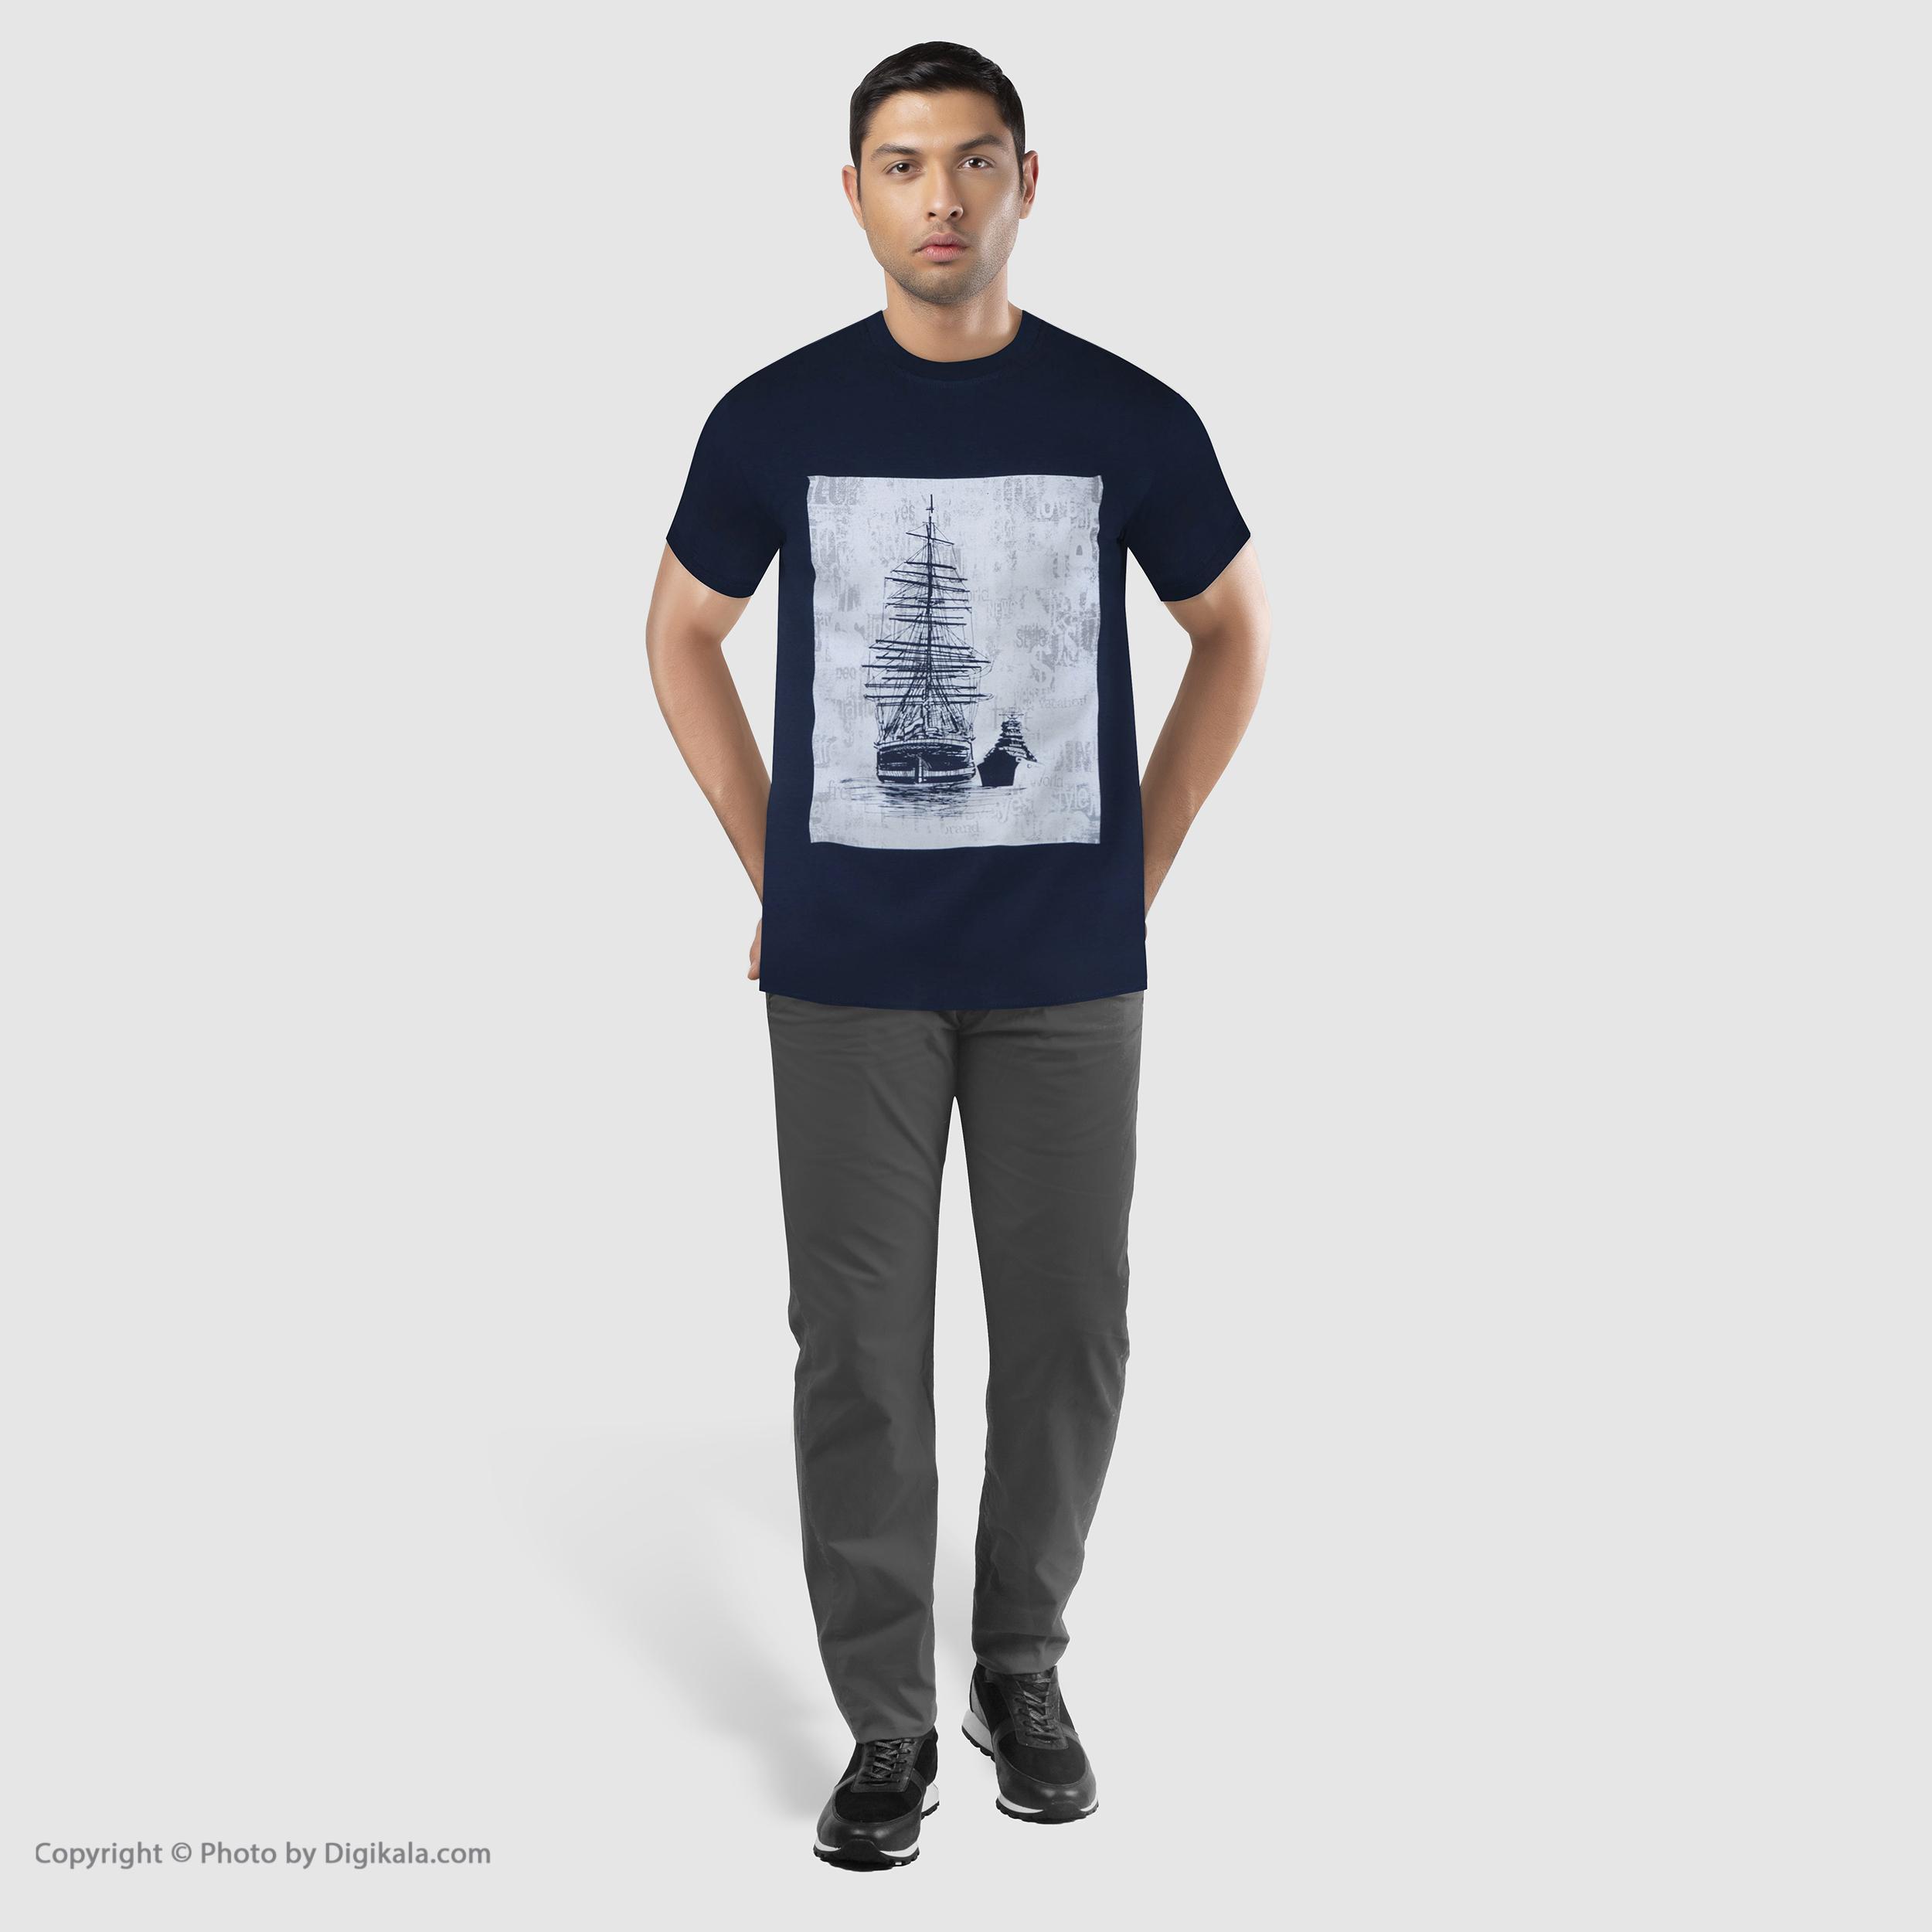 تیشرت مردانه جامه پوش آرا مدل 4011019355-59 -  - 8